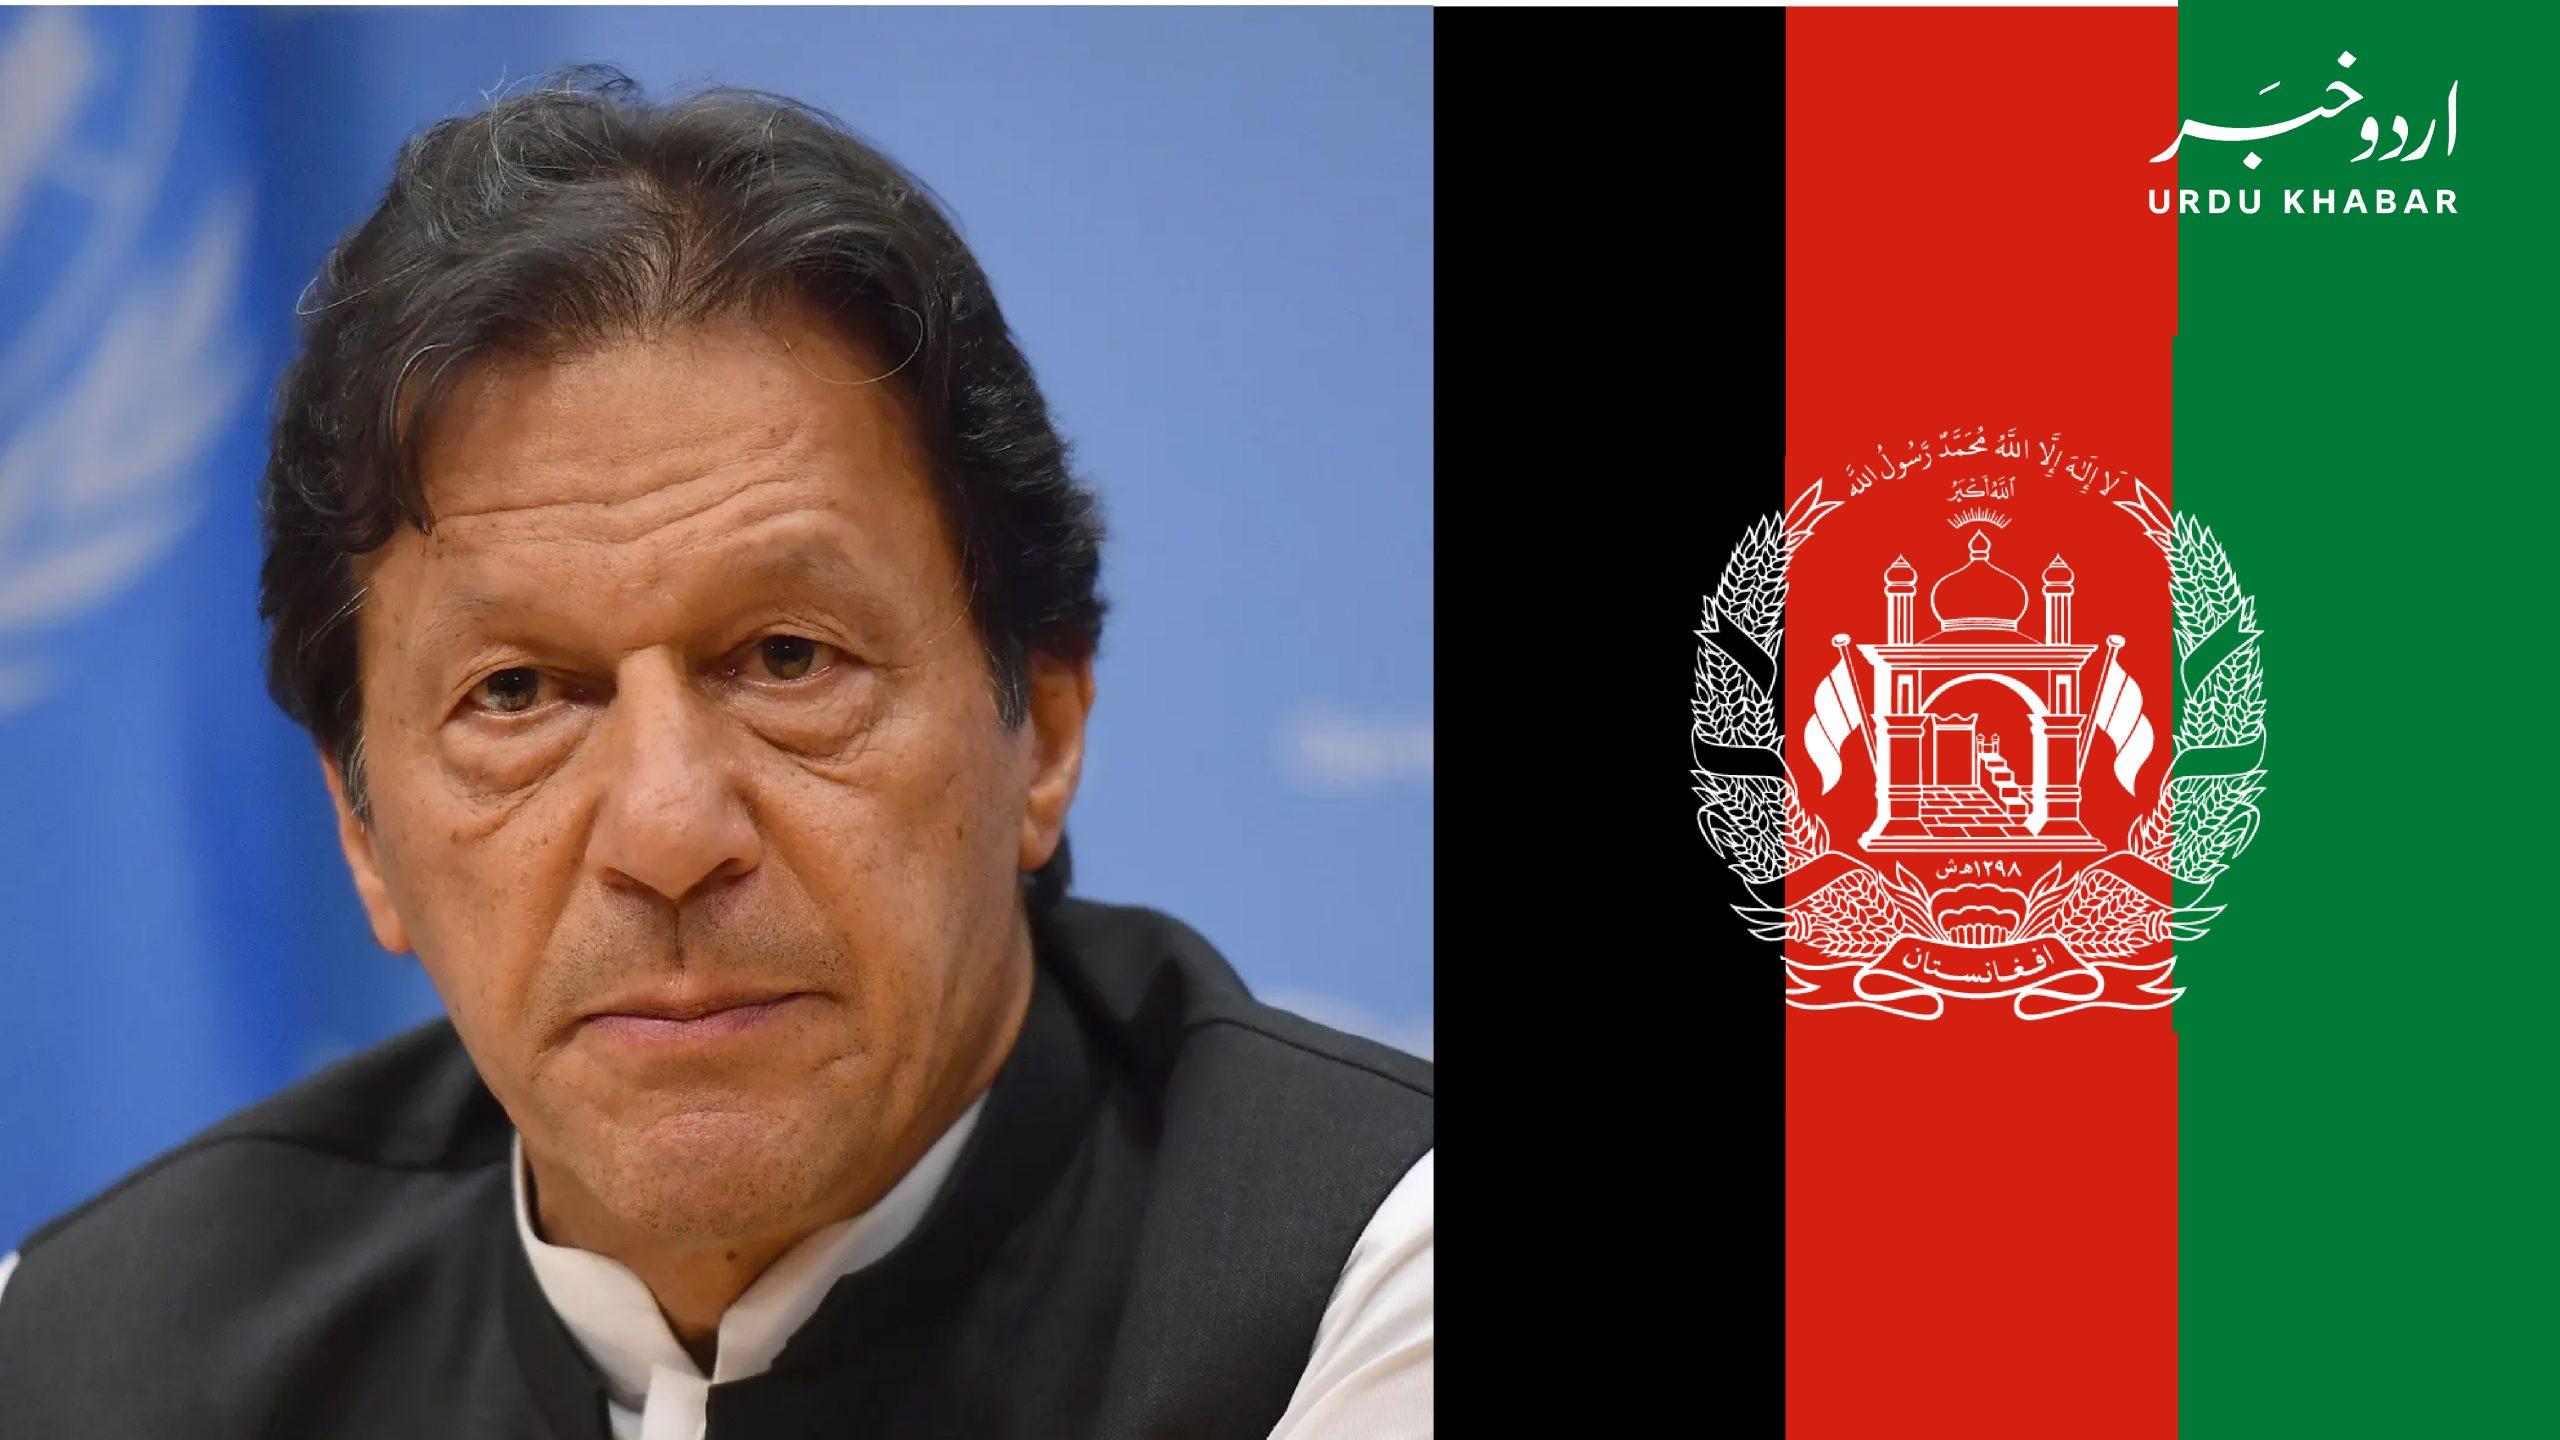 افغانستان میں امن قائم ہونے سے خطہ کو دیرپا فائدہ ہو گا، عمران خان